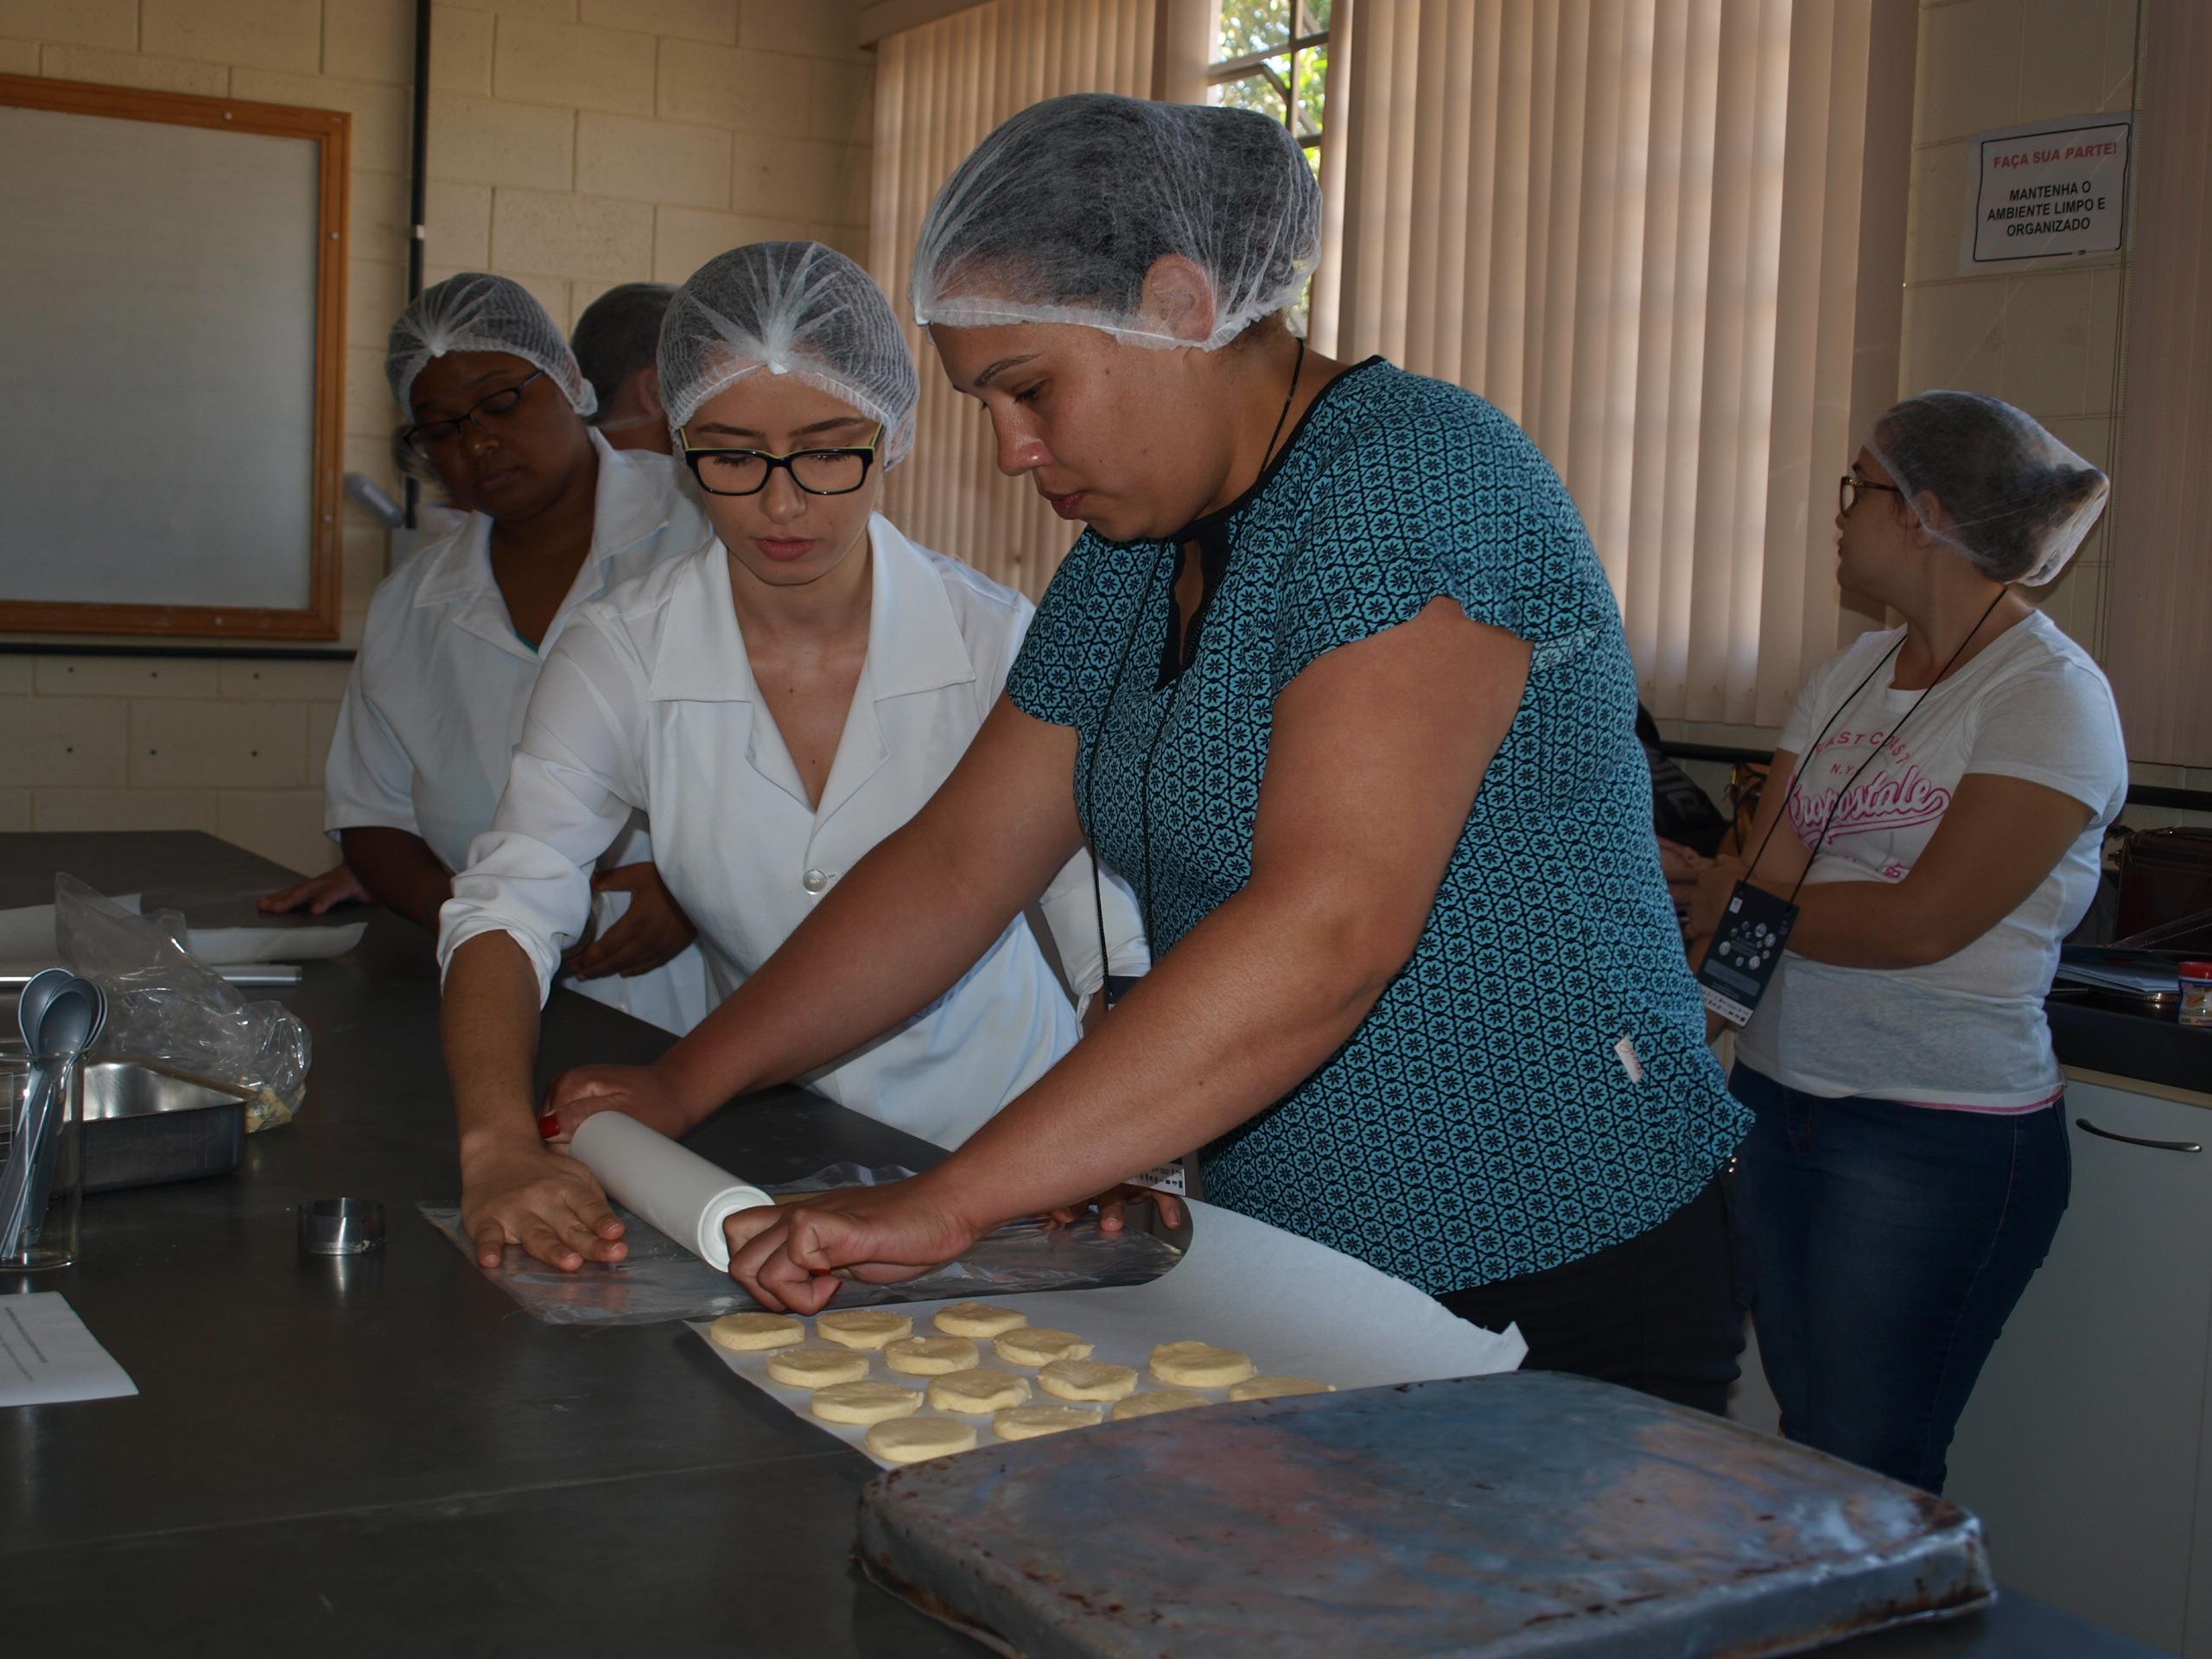 Participantes da oficina de boas práticas de fabricação de alimentos pela agricultura familiar. Foto: Jessika Viveiros / UFMG